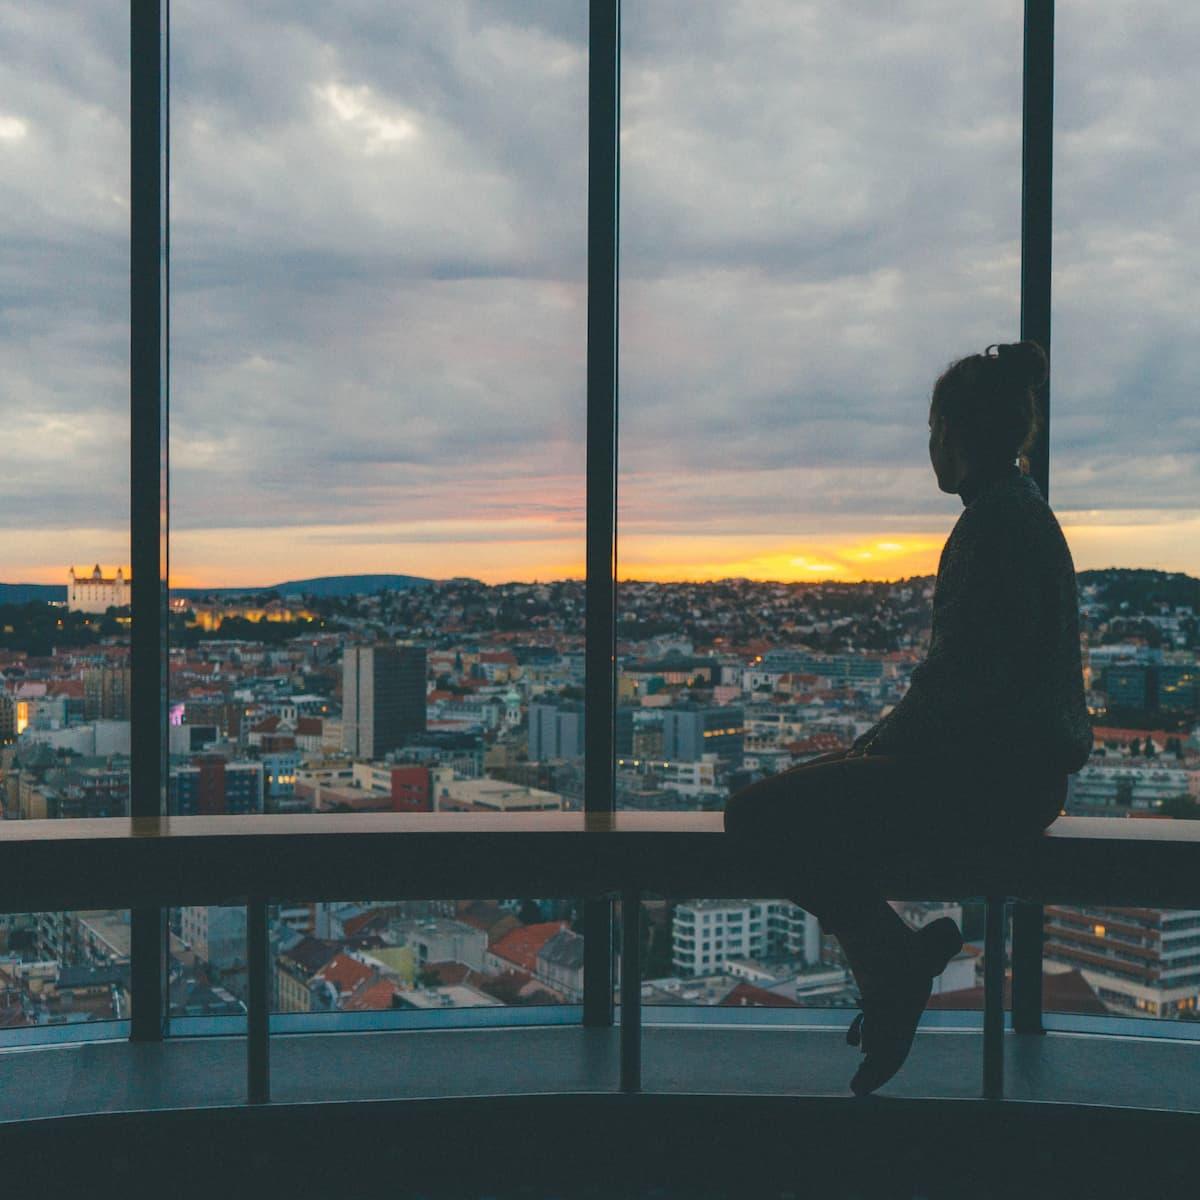 Žena sa pozerá z okna na mesto